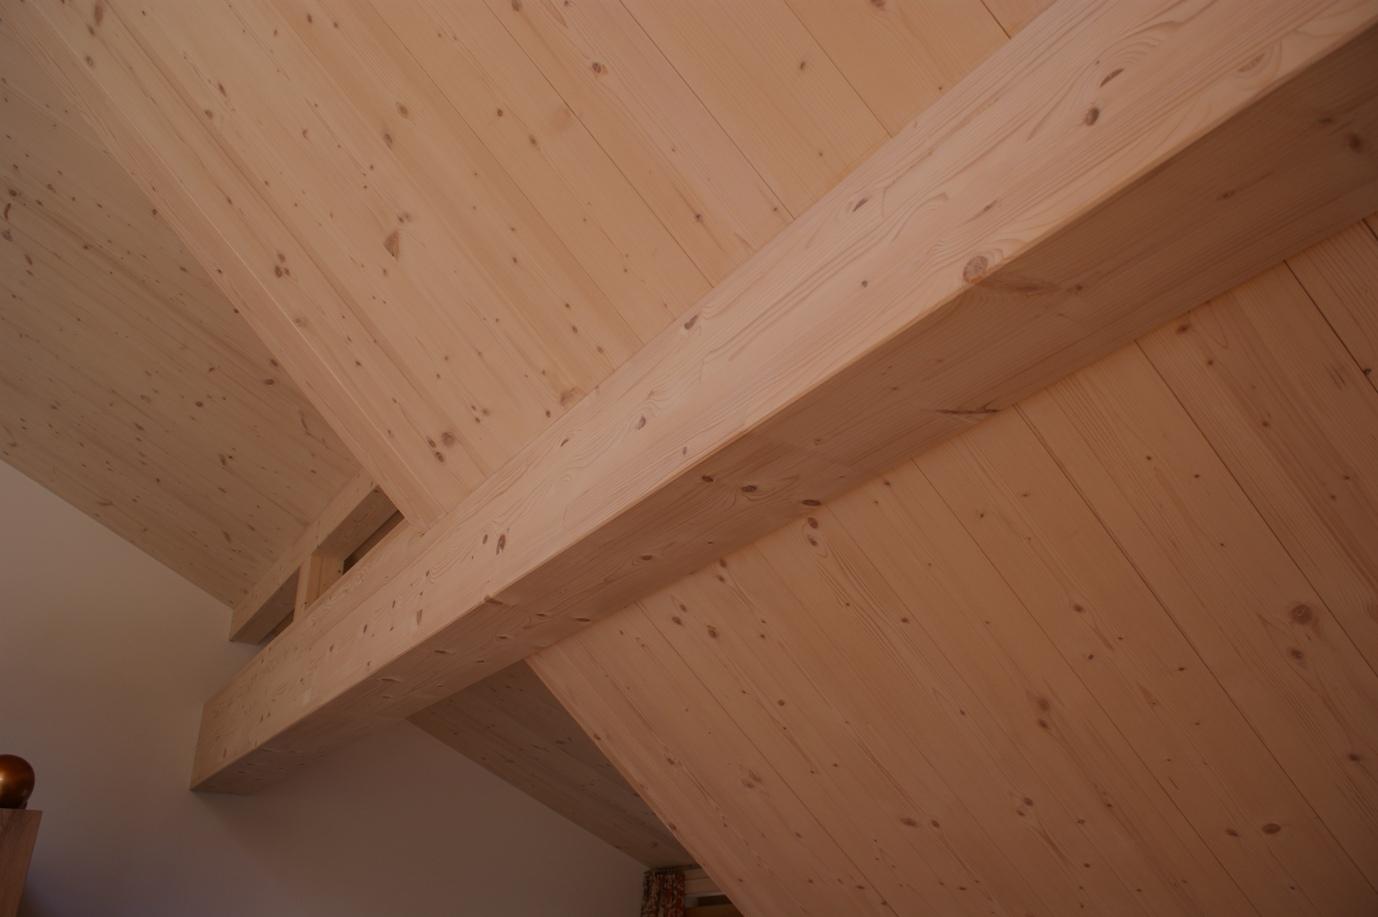 Sistema Xlam a secco pannelli in legno totalmente naturali - Tecnocomfort Case